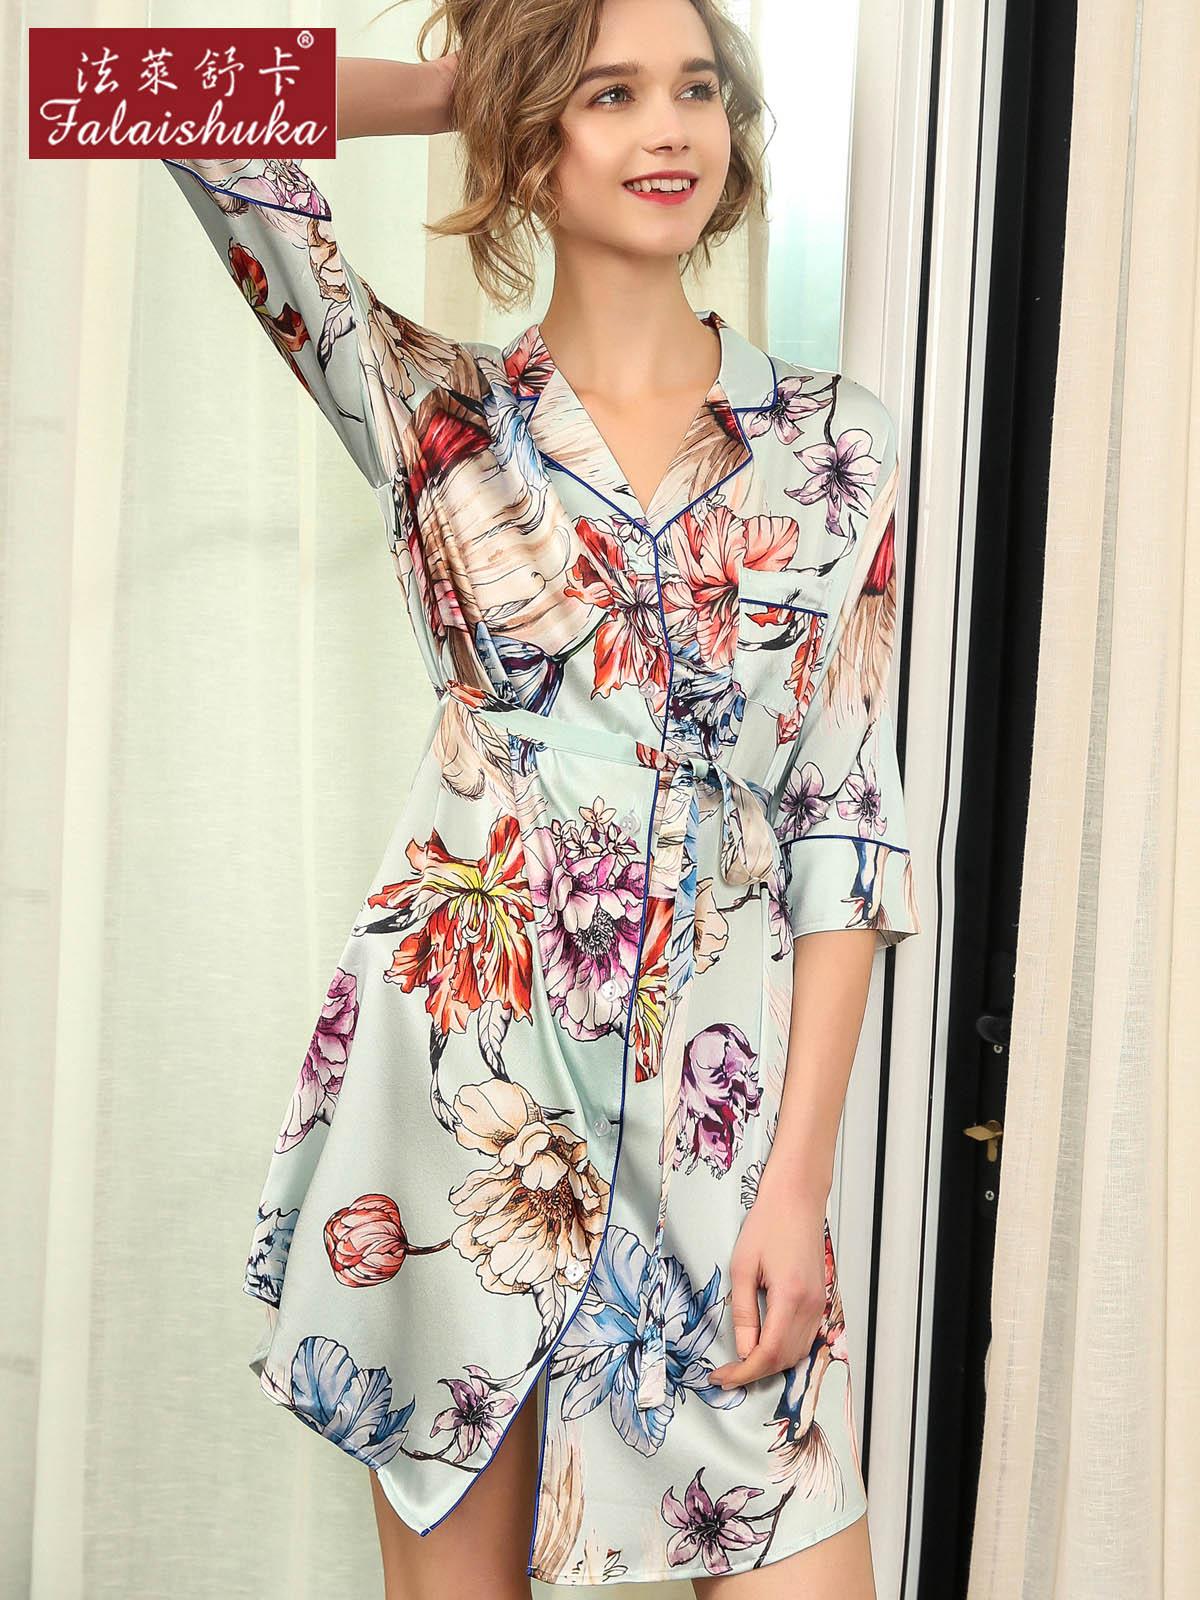 88830900b9cf8 Цифровая живопись свежих цветов сексуальные натуральной шелковицы шелковая  ночная рубашка женщины натуральный шелк Элегантные ...